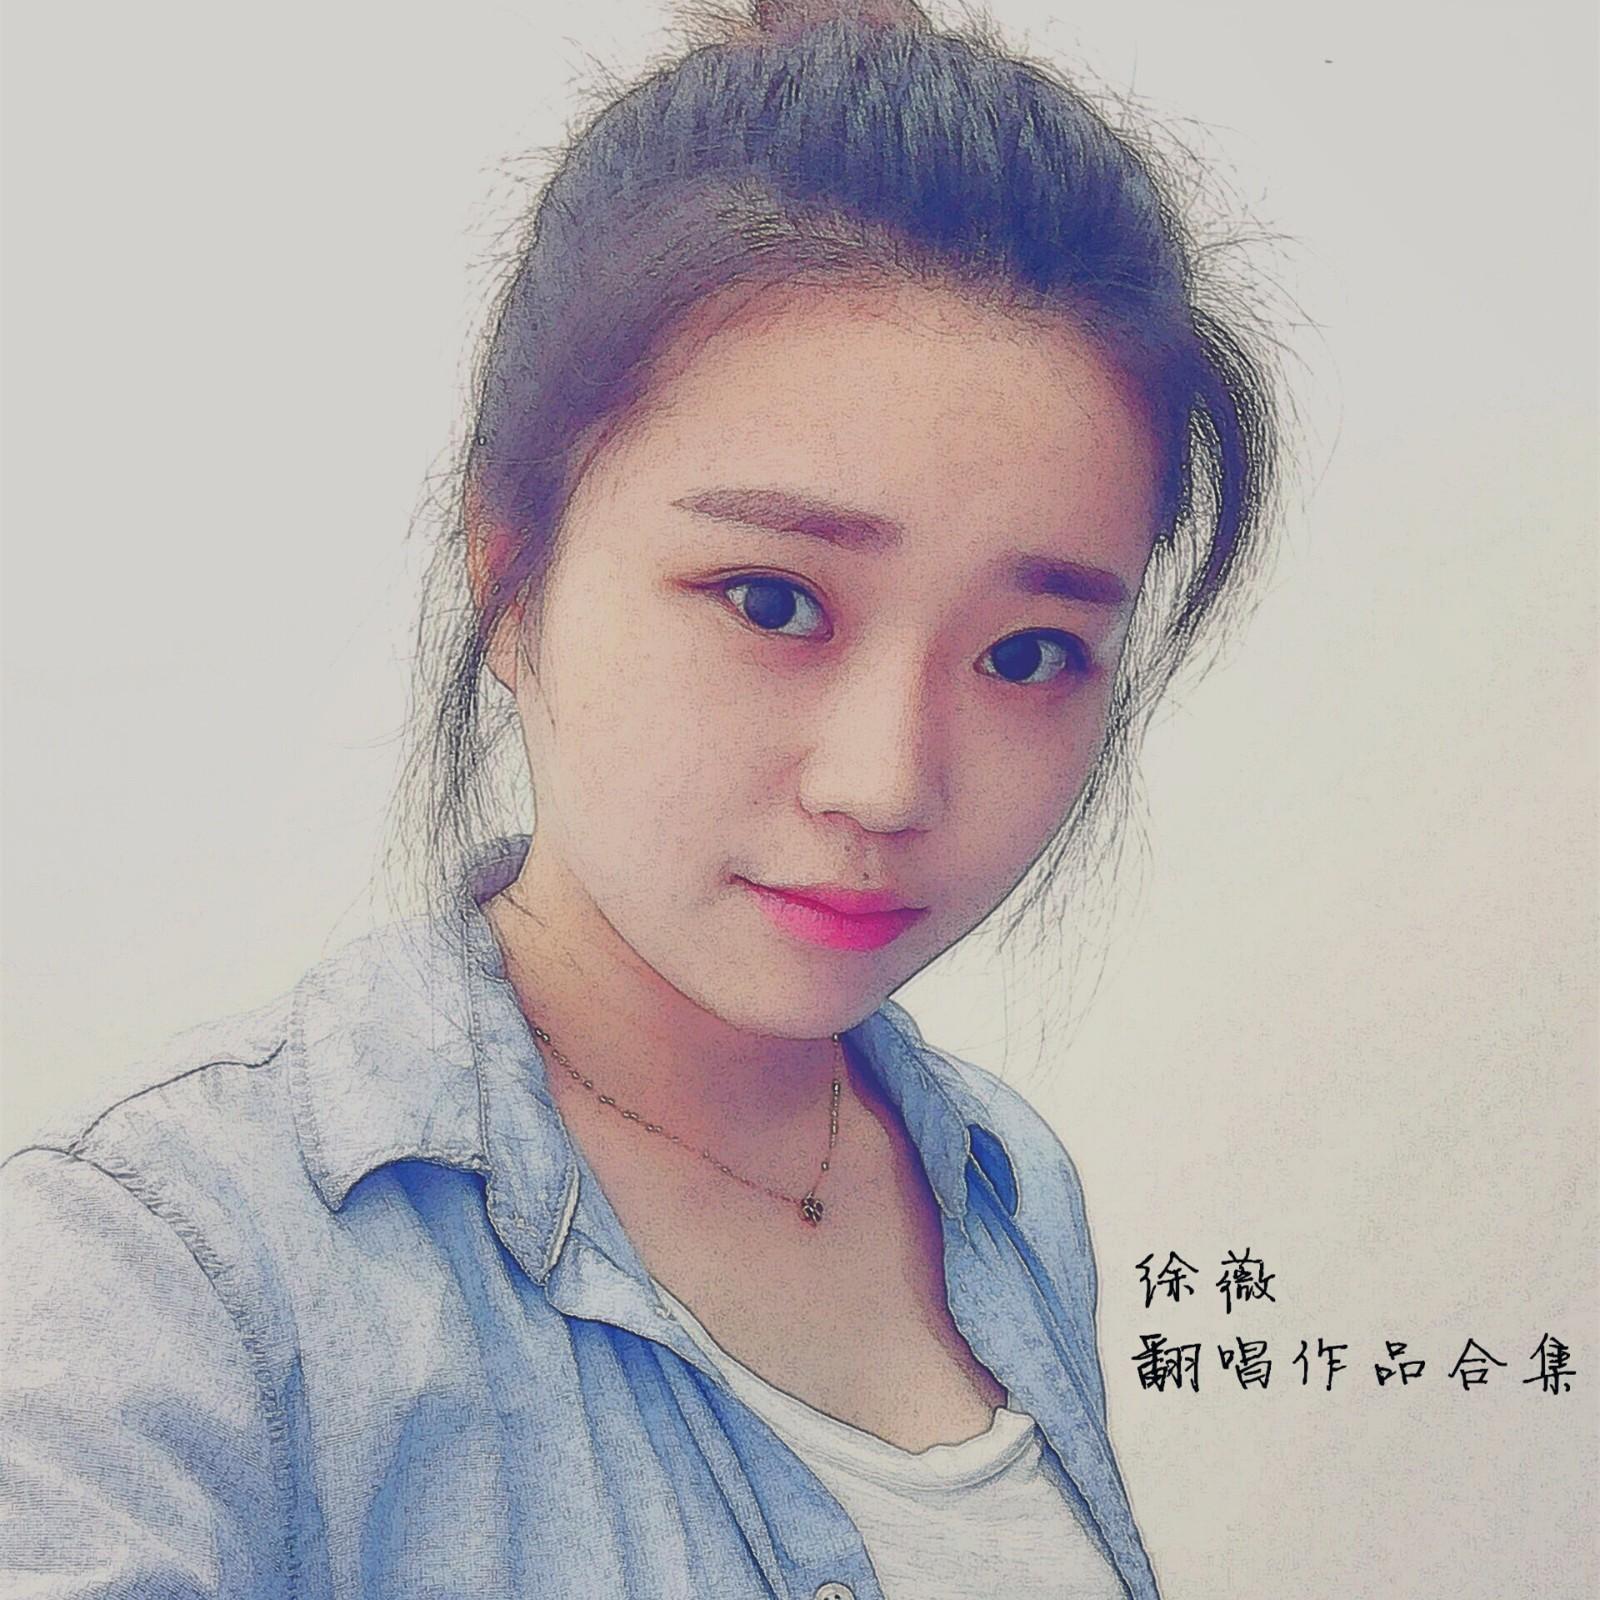 我是歌手5赵雷成都吉他谱原版